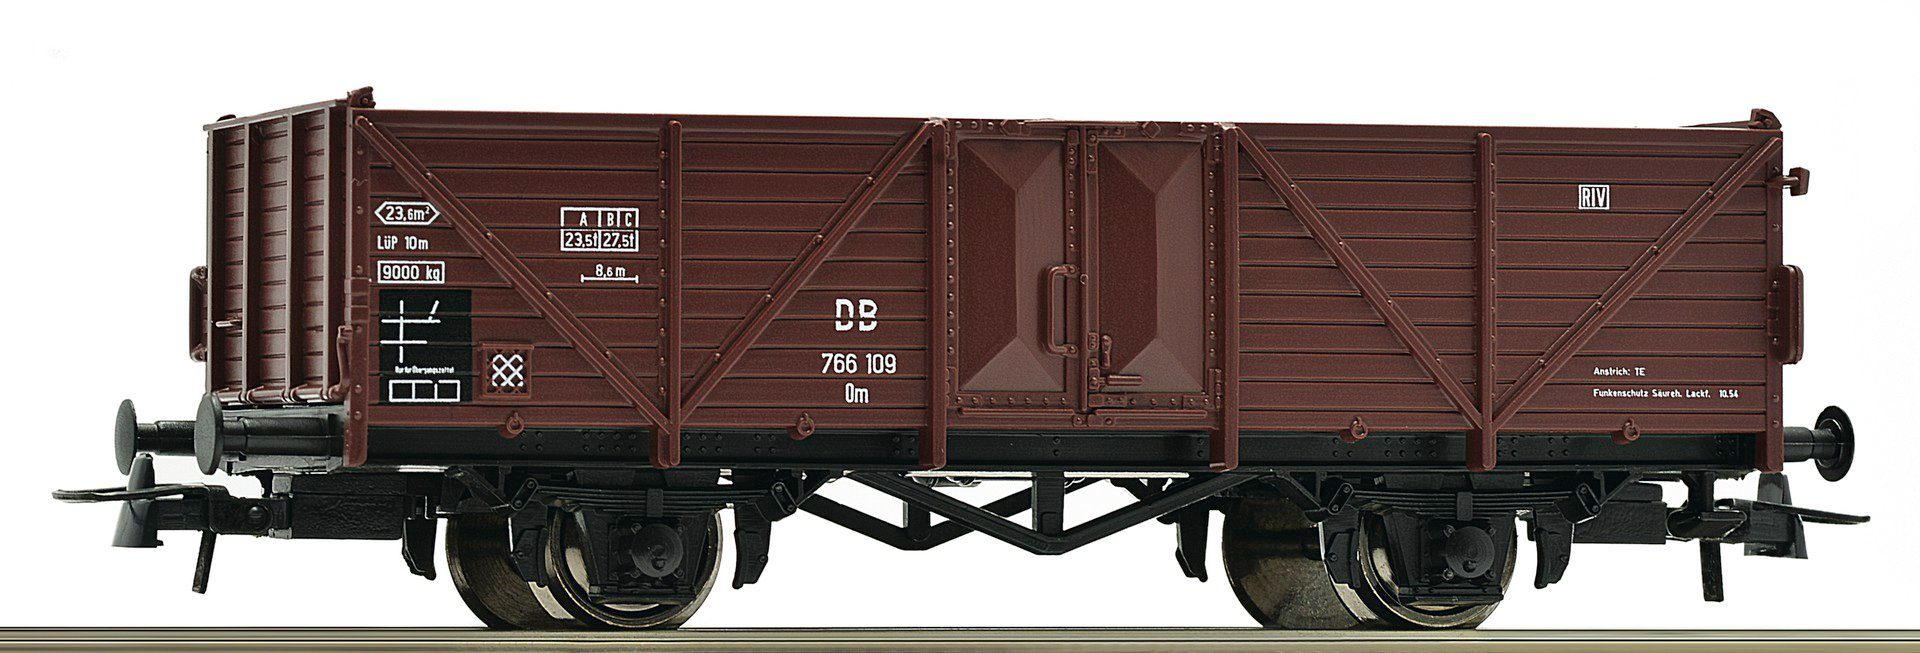 Roco Güterwagen, Spur H0, »Offener Güterwagen 2a Om DB - Gleichstrom«